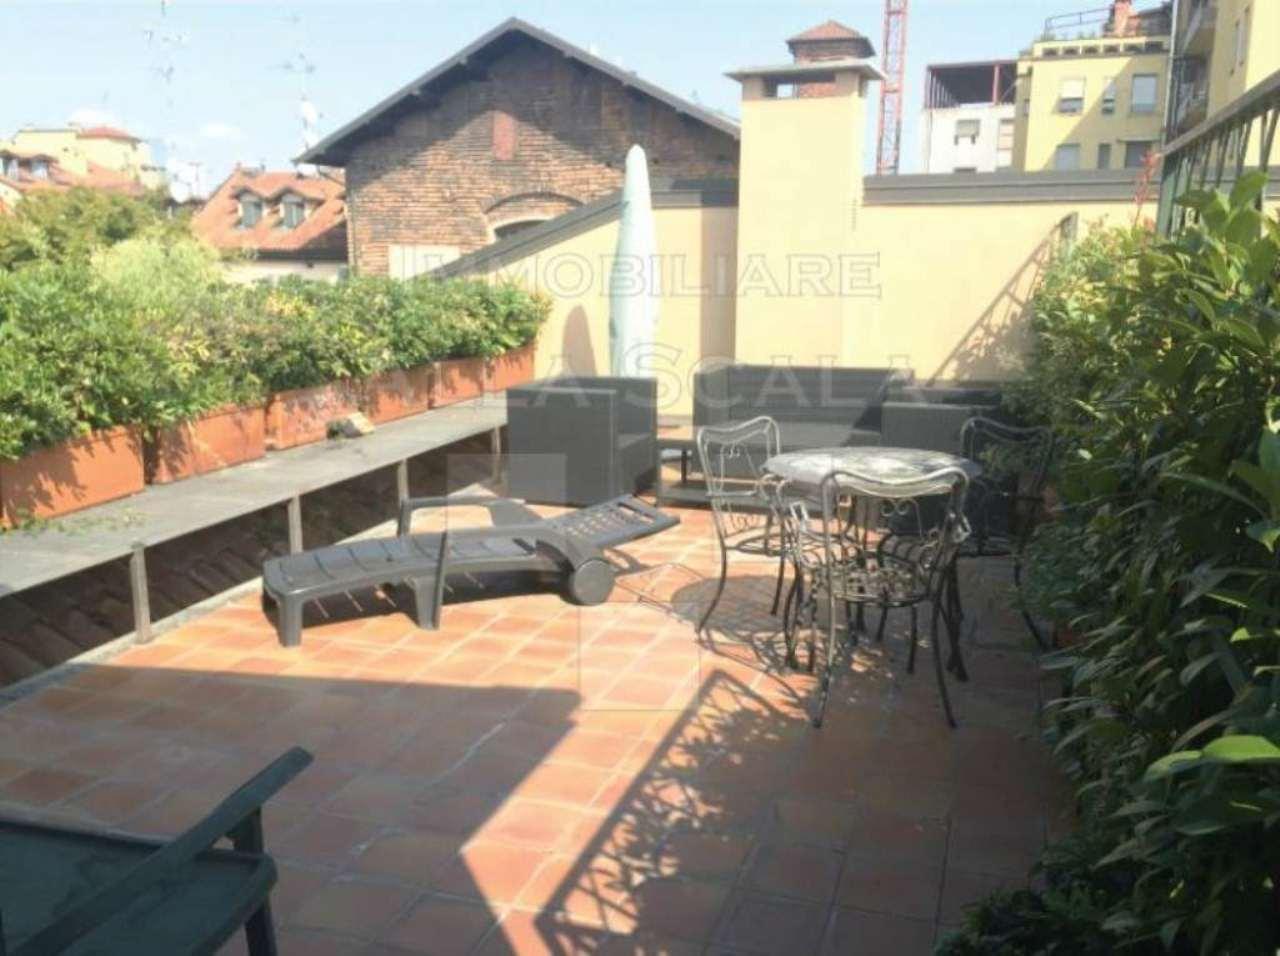 Attico / Mansarda in affitto a Milano, 5 locali, zona Zona: 1 . Centro Storico, Duomo, Brera, Cadorna, Cattolica, prezzo € 4.160 | Cambio Casa.it